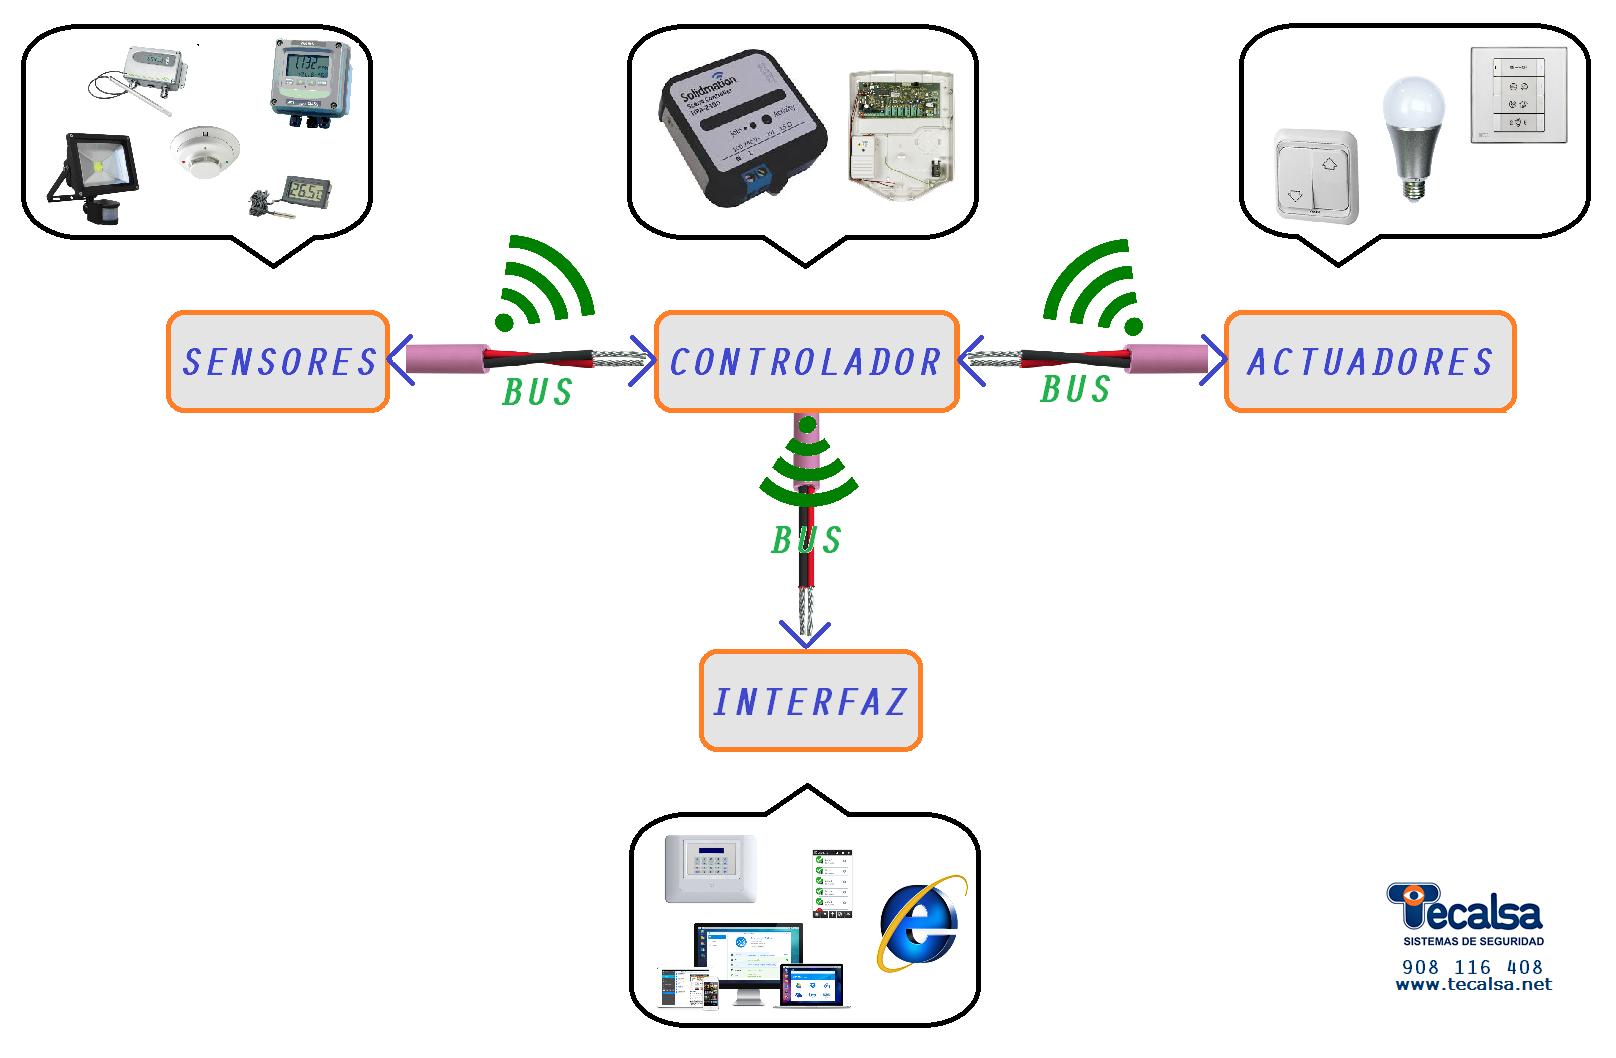 Componentes de un sistema domótico